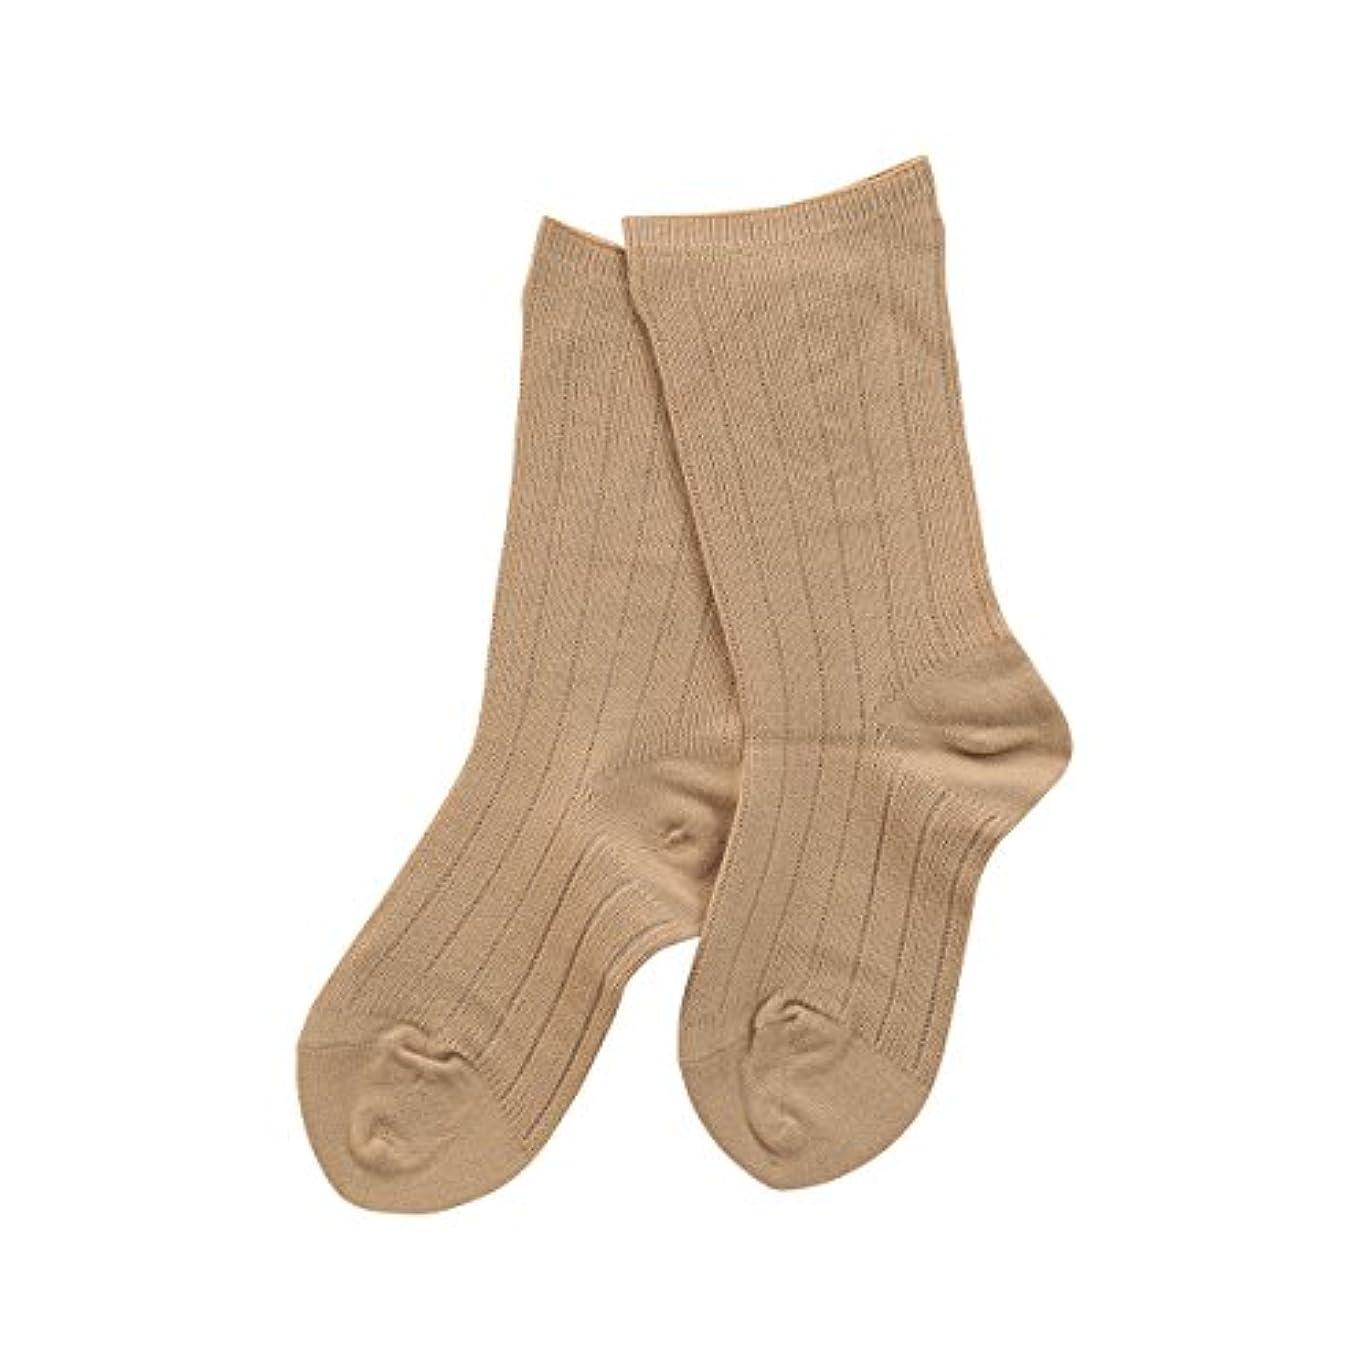 カーテン妻ナインへ(コベス) KOBES ゴムなし 毛混 超ゆったり靴下 日本製 婦人靴下